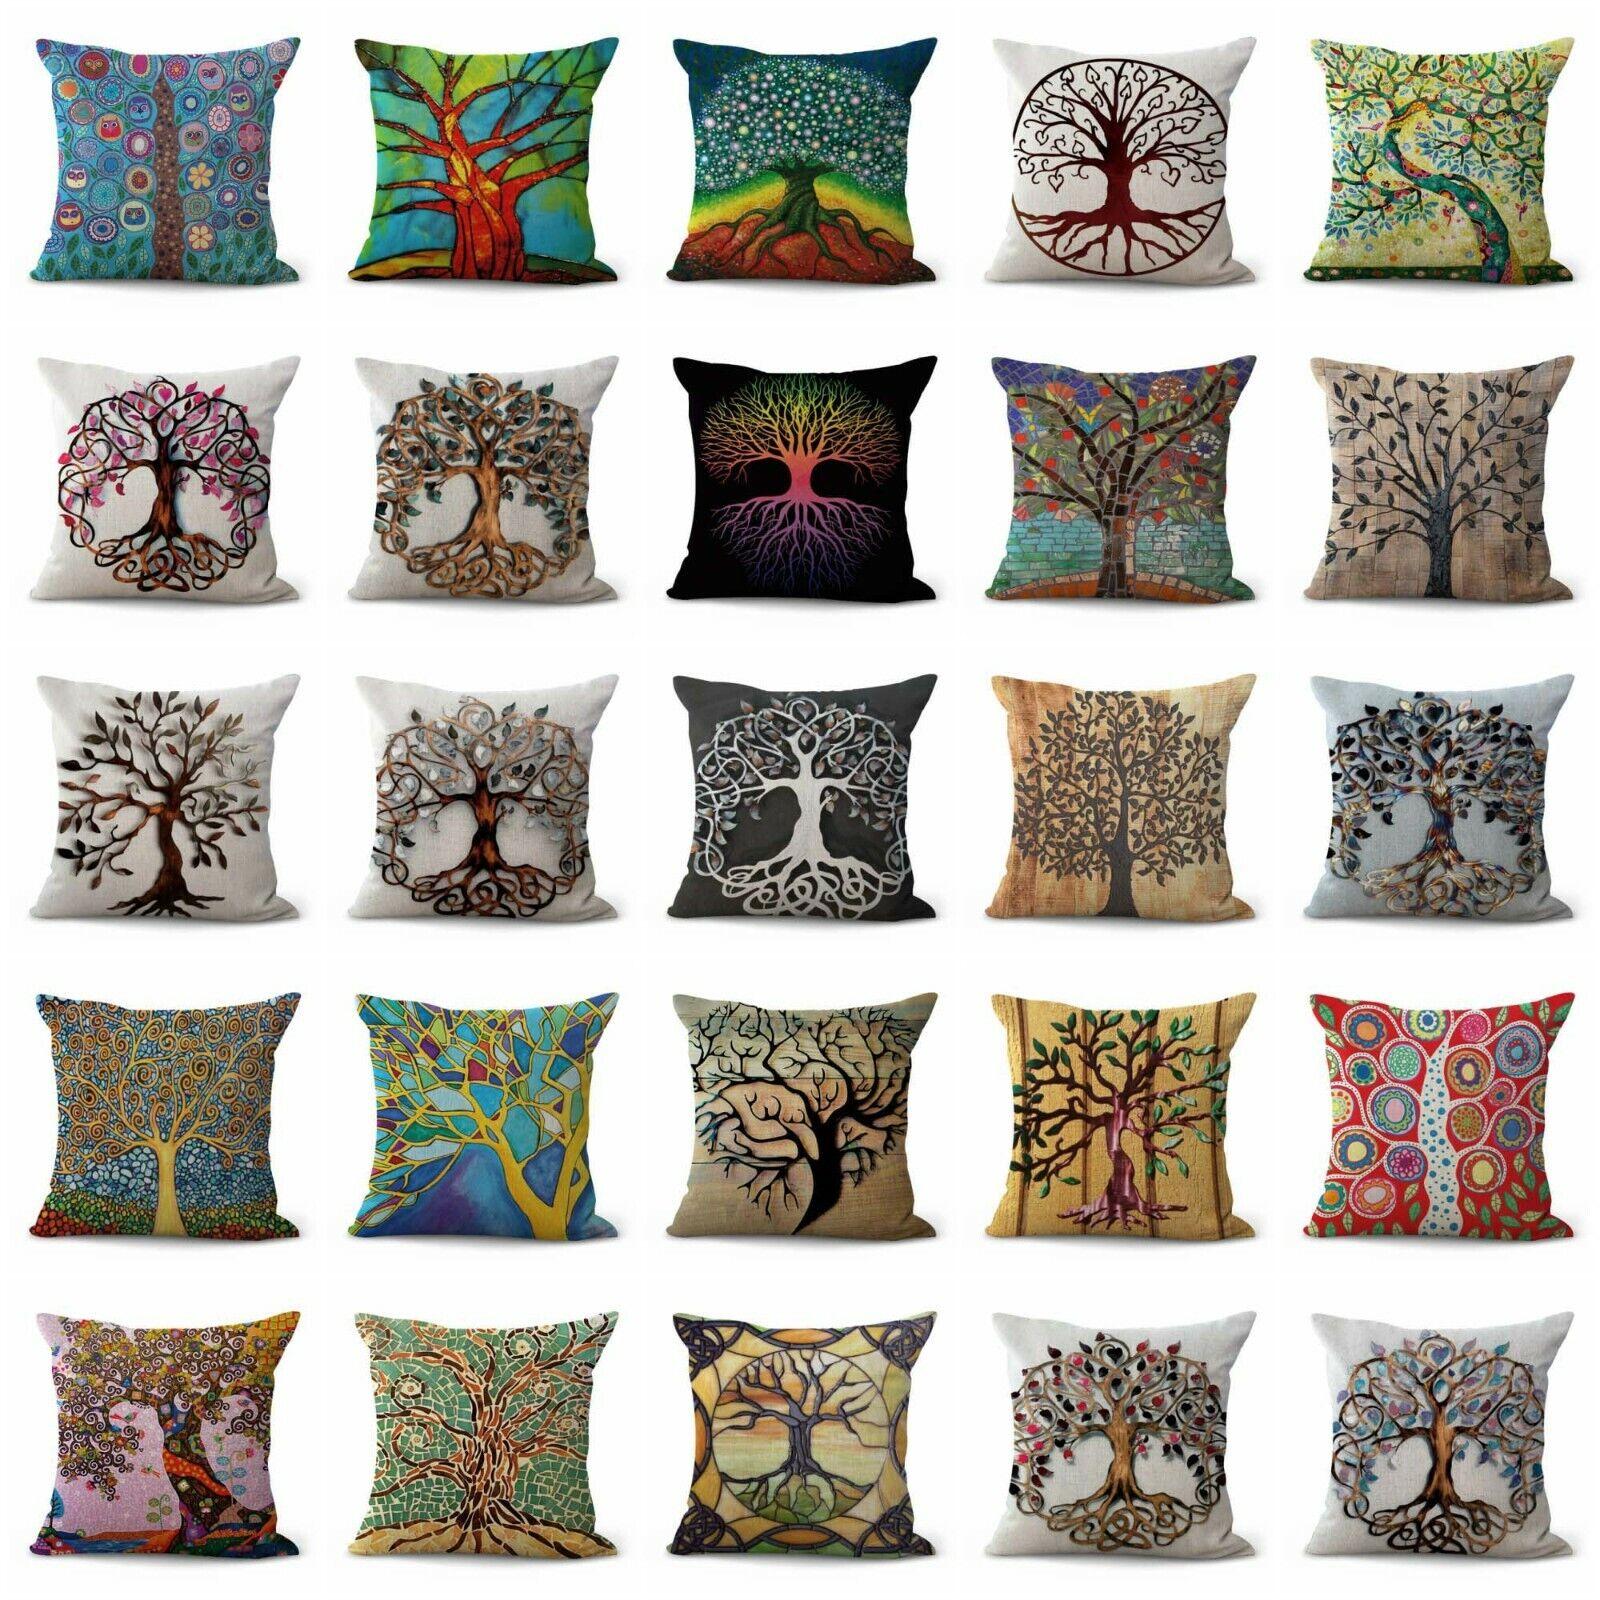 US Vendeur-Lot de 20 taies d'oreiller décoration arbre de vie housses de coussin